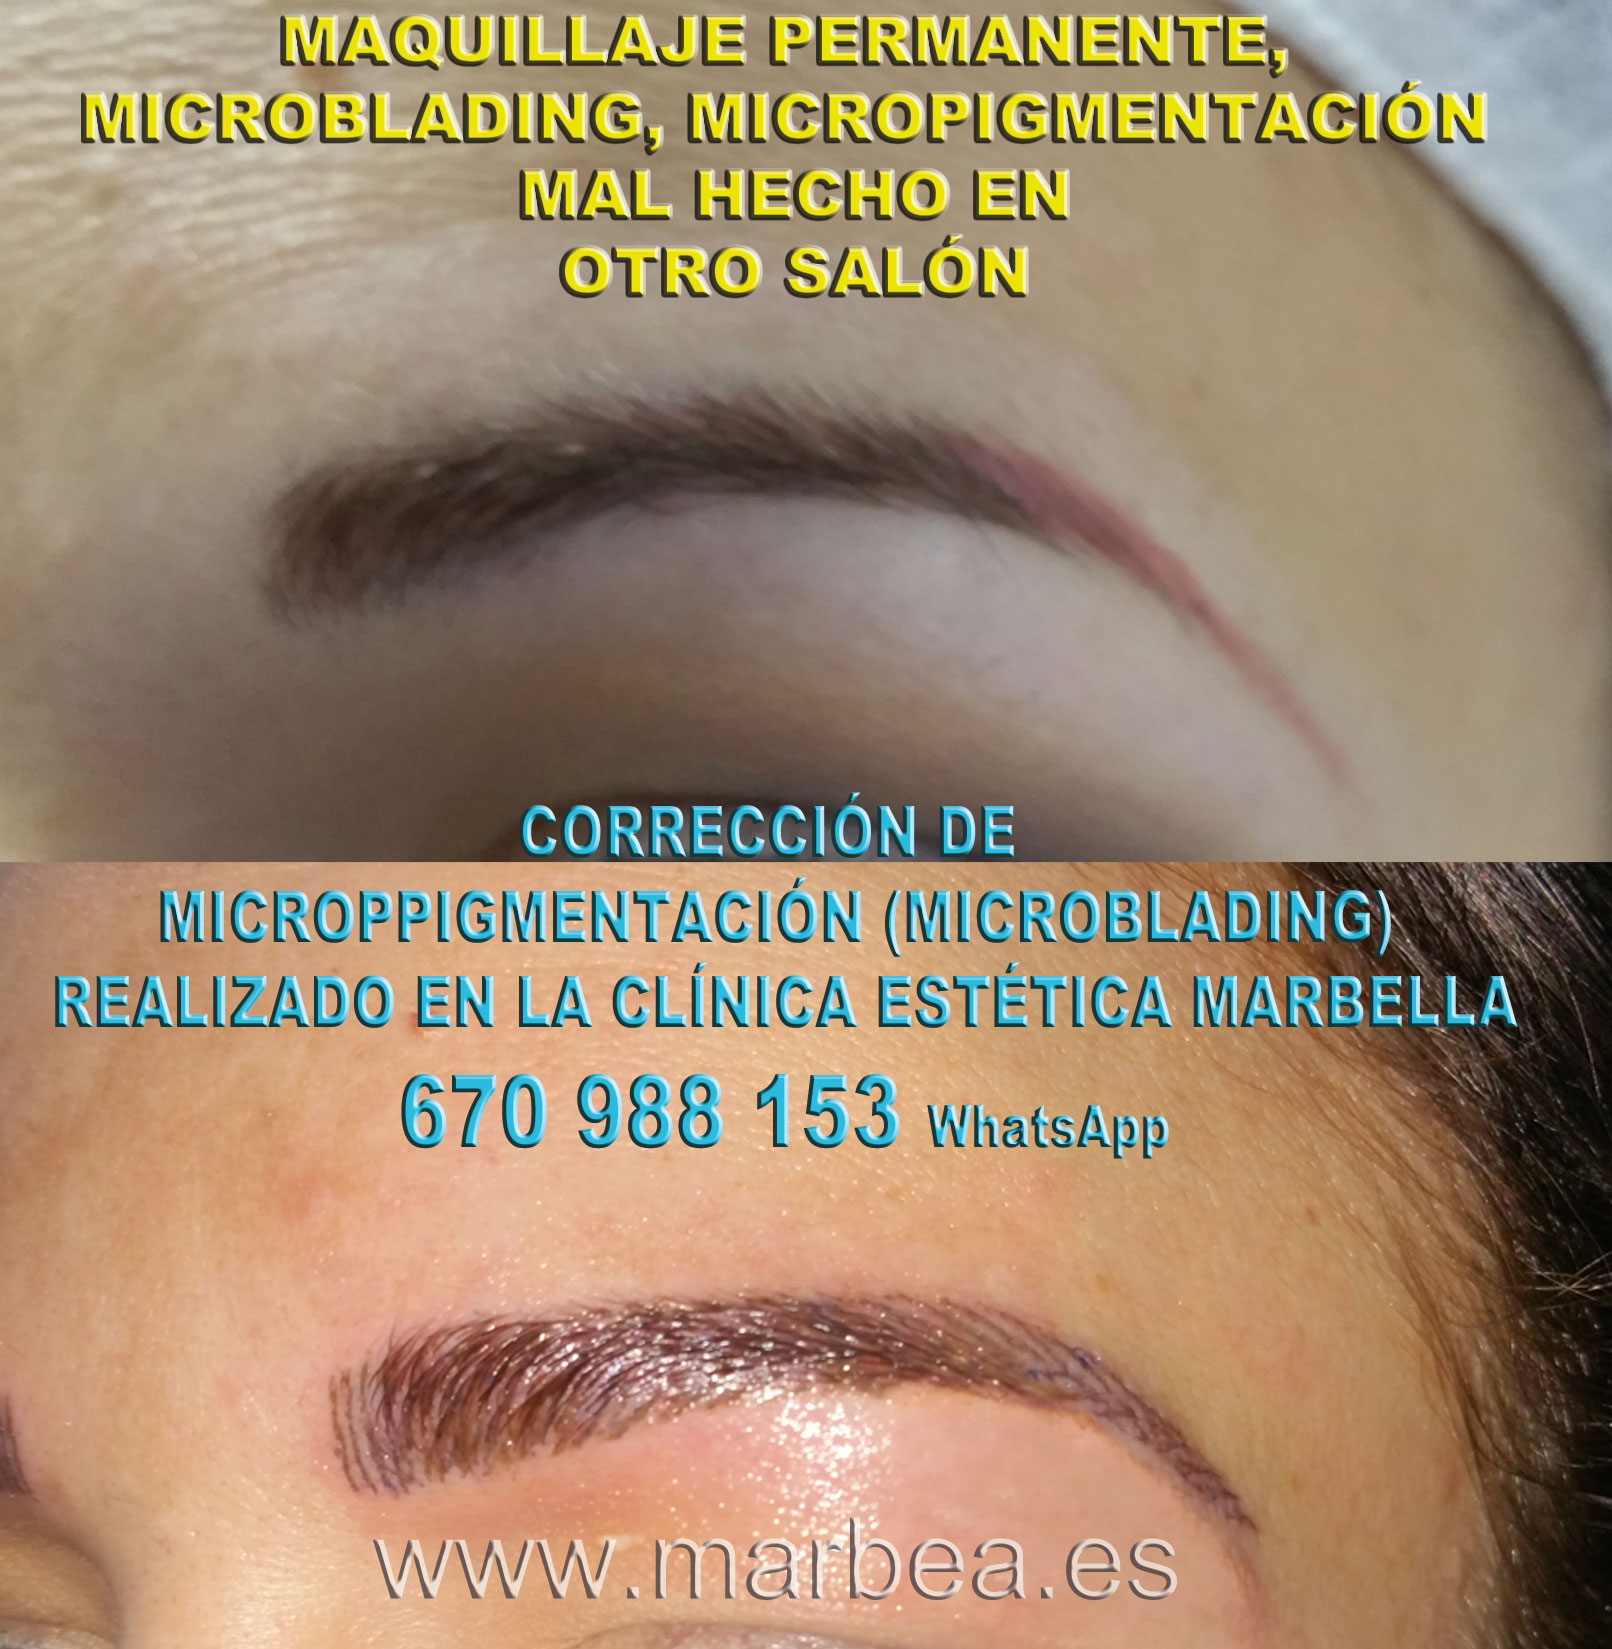 ELIMINAR MICROBLADING CEJAS clínica estética delineados propone eliminar la micropigmentación de cejas,reparamos microppigmentacion mal hechos